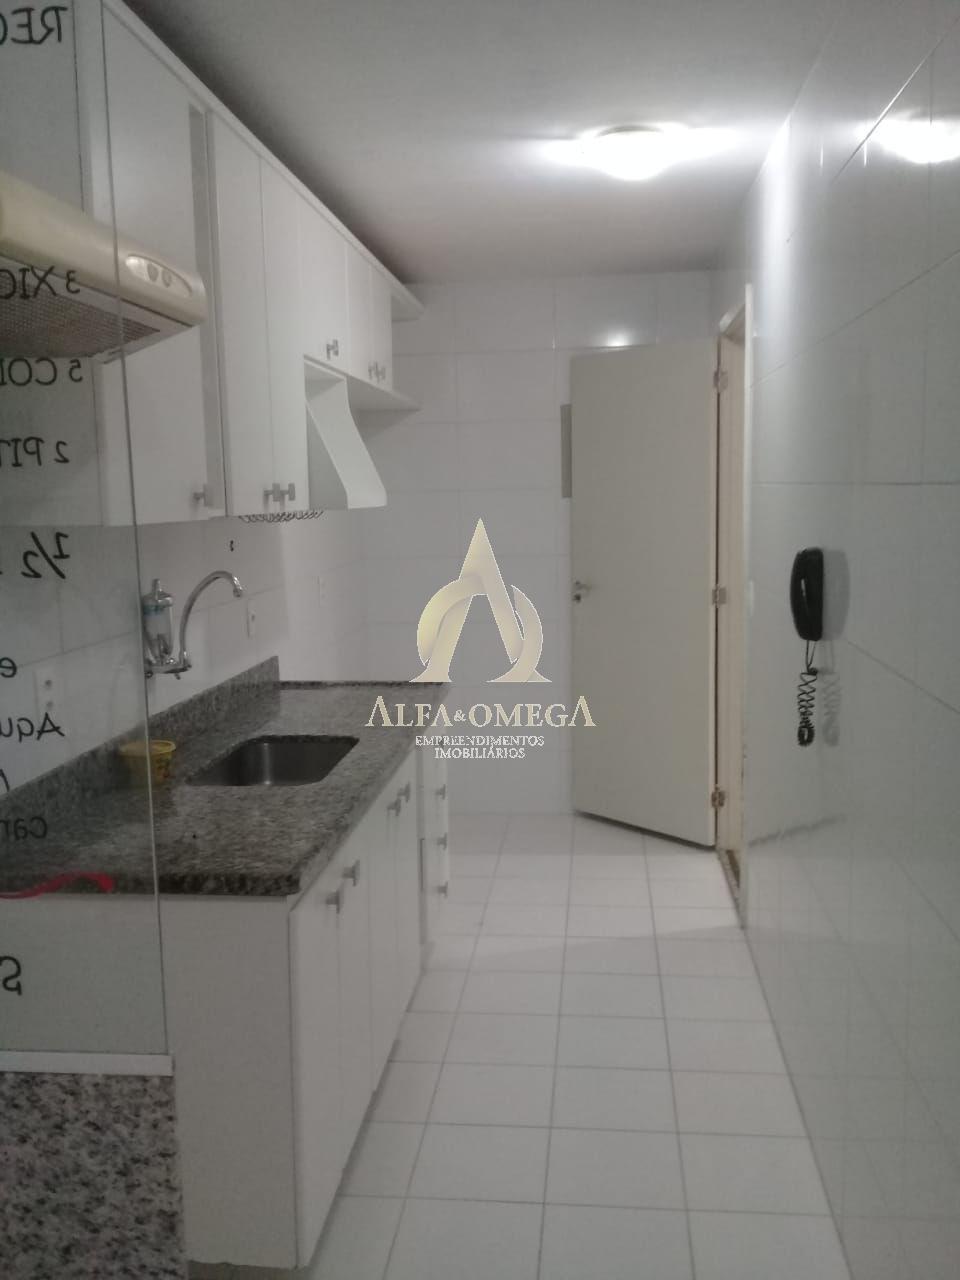 FOTO 12 - Apartamento Praça Seca, Rio de Janeiro, RJ À Venda, 2 Quartos, 62m² - AOJ20058 - 12